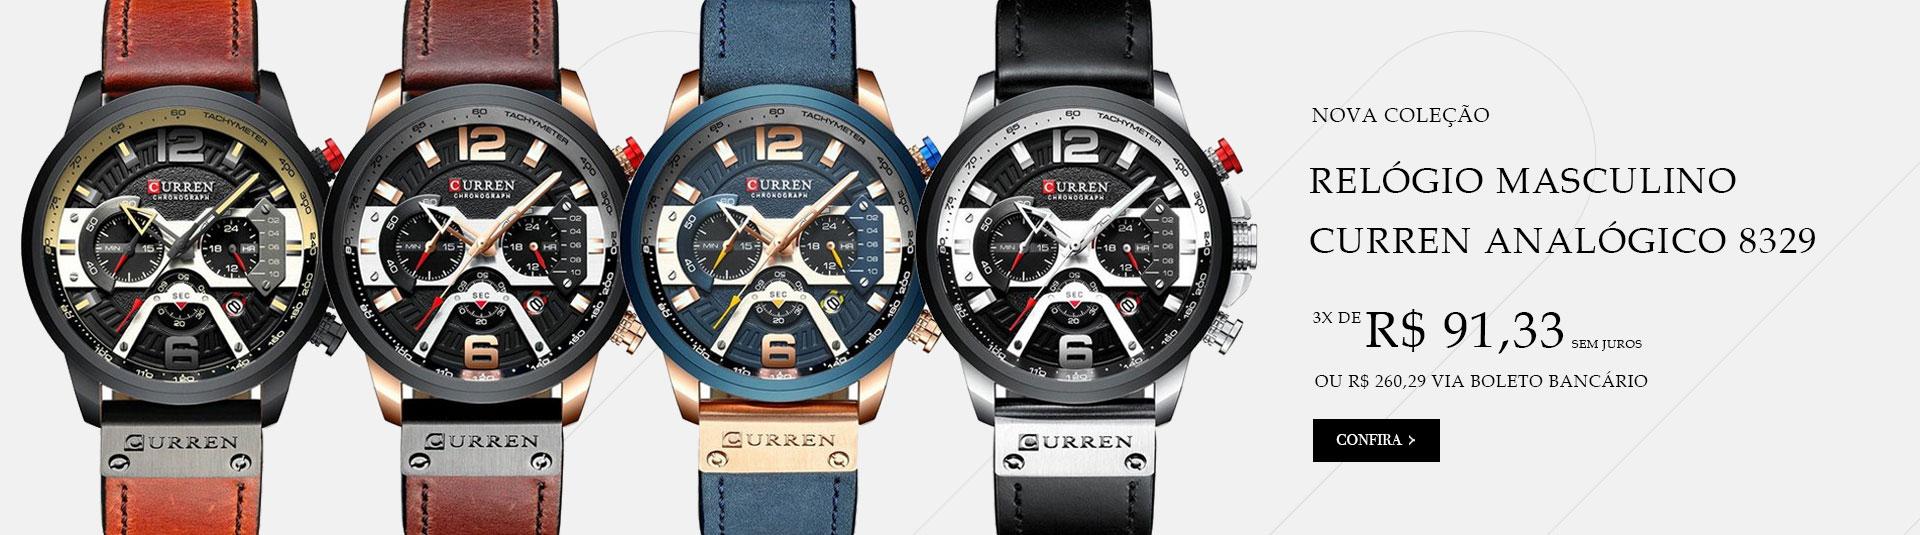 Relógio Curren 8329